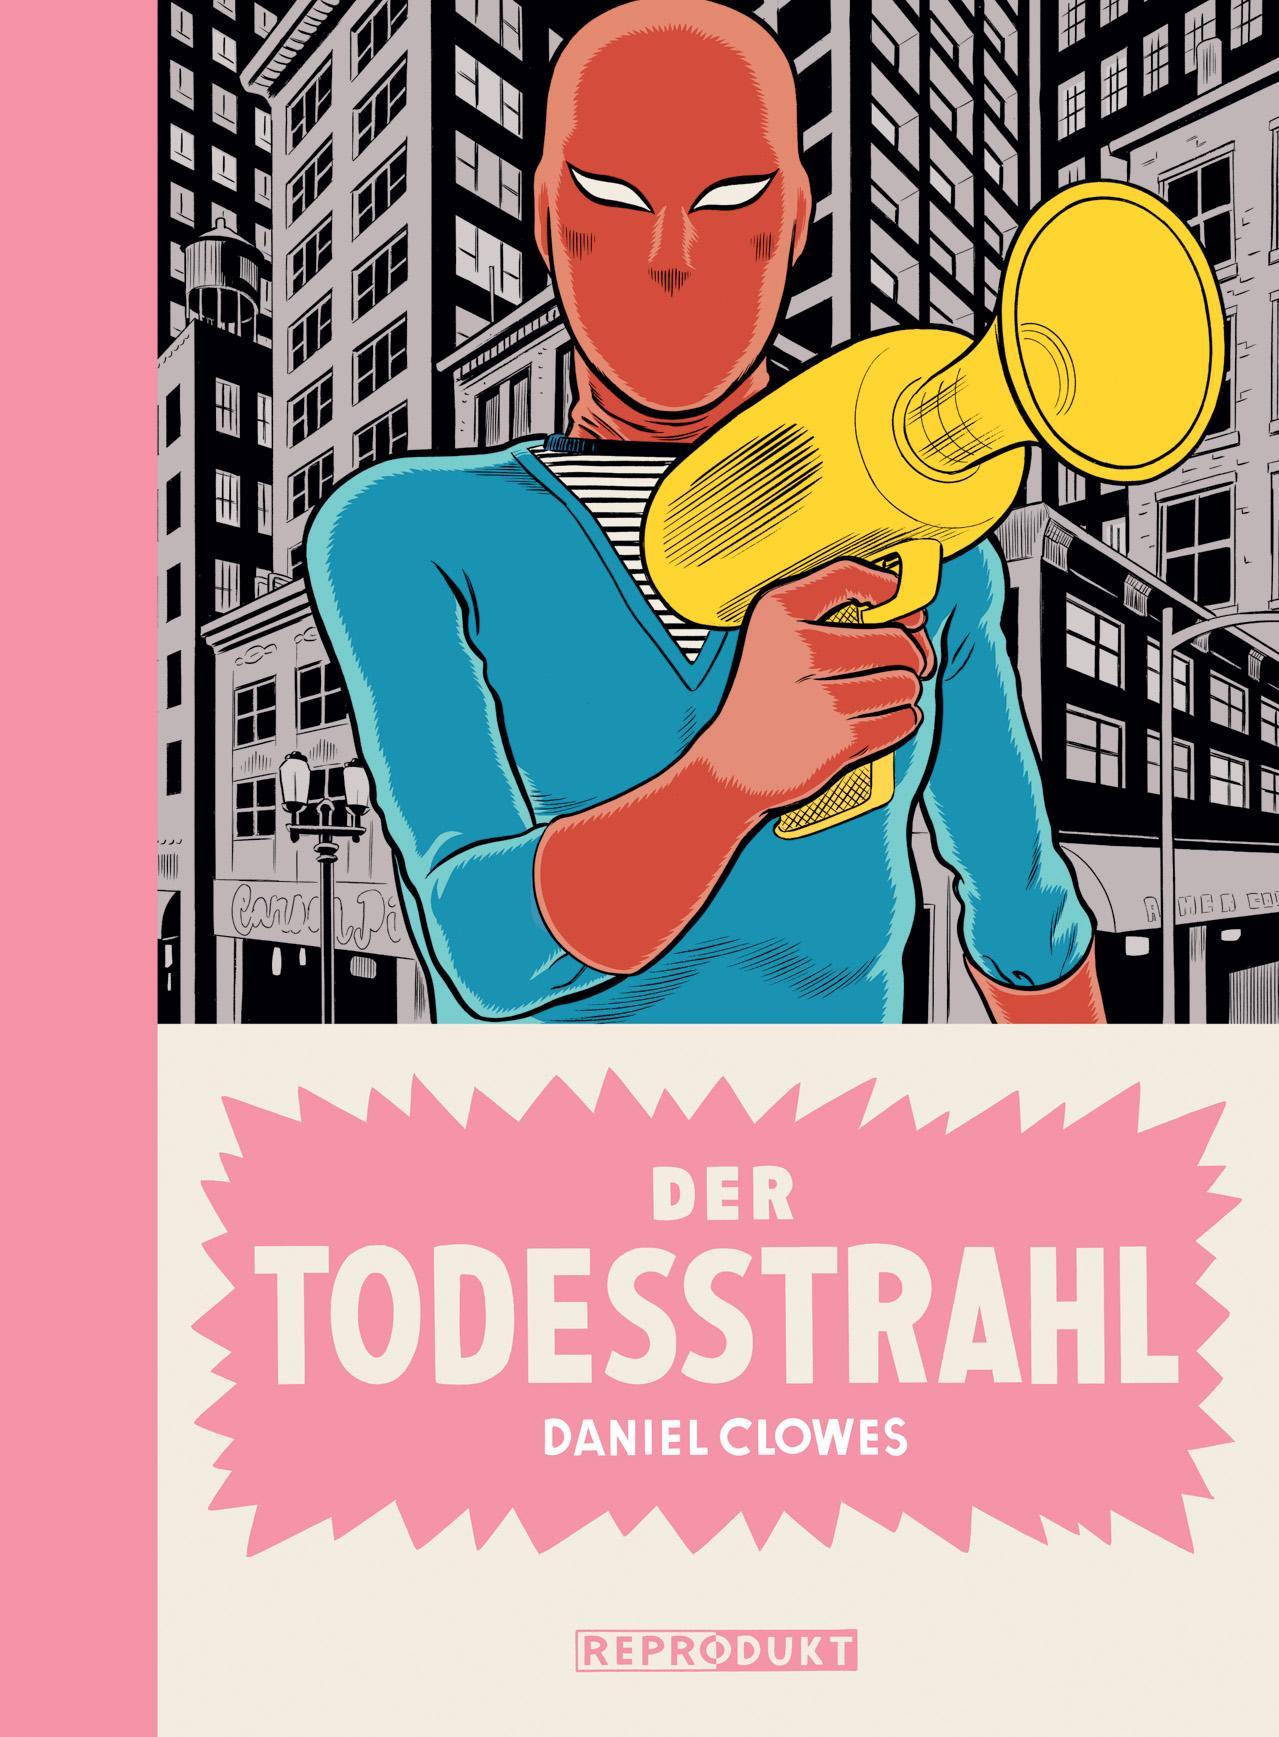 Der Todesstrahl Graphic Novels